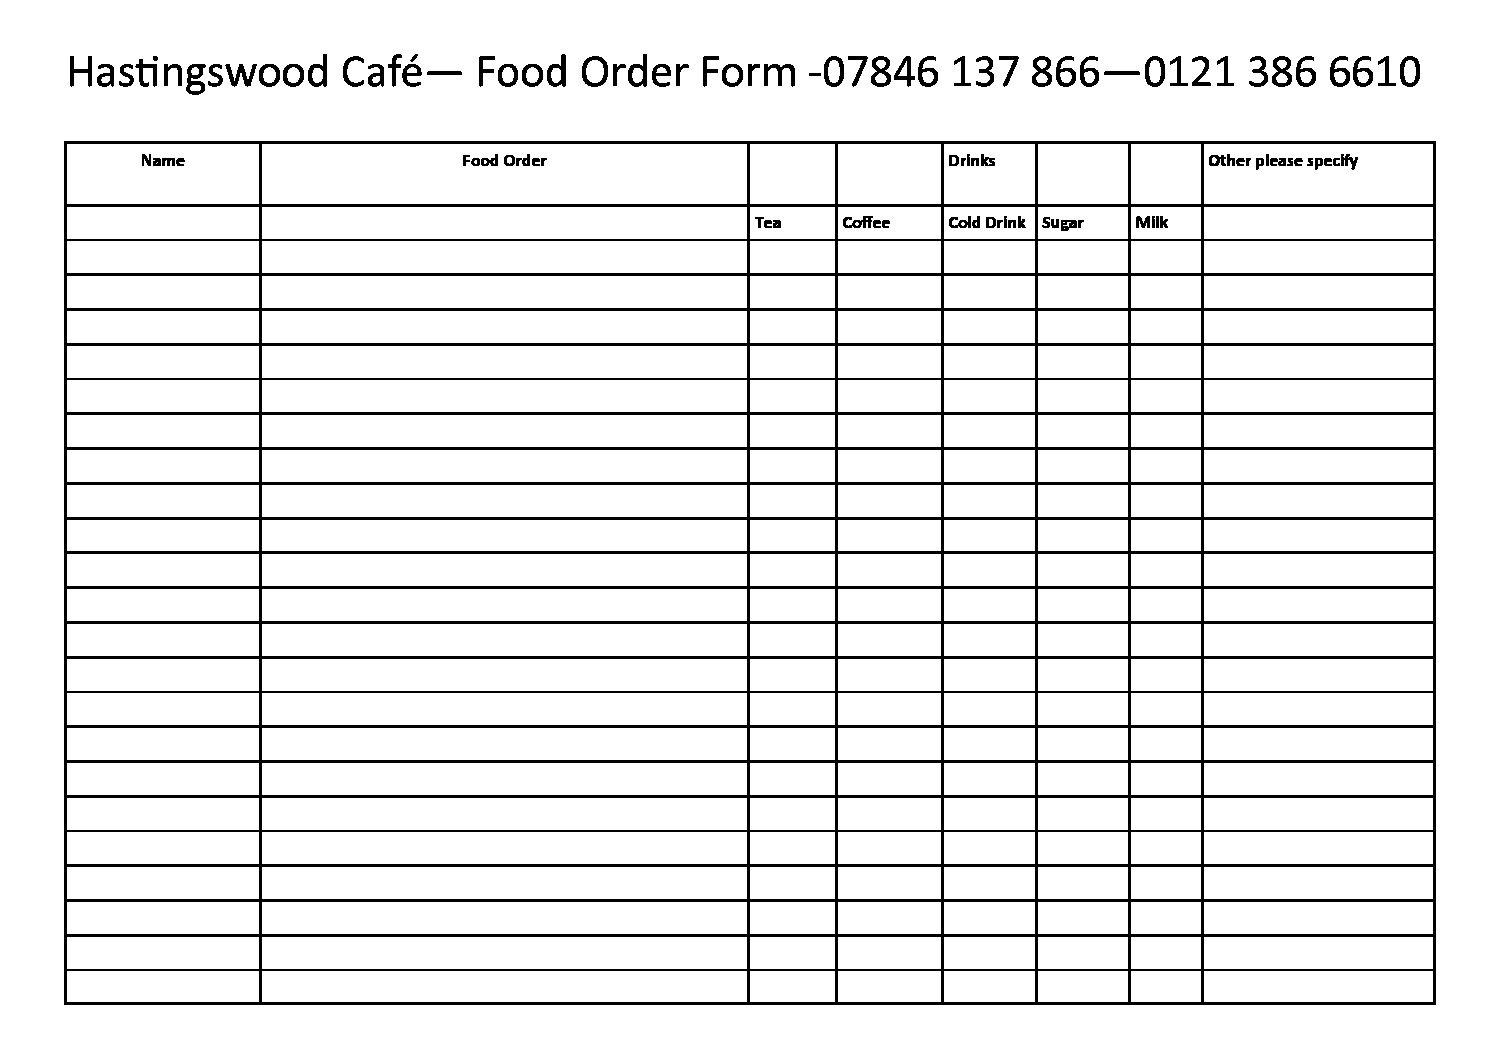 food order form - Madran kaptanband co